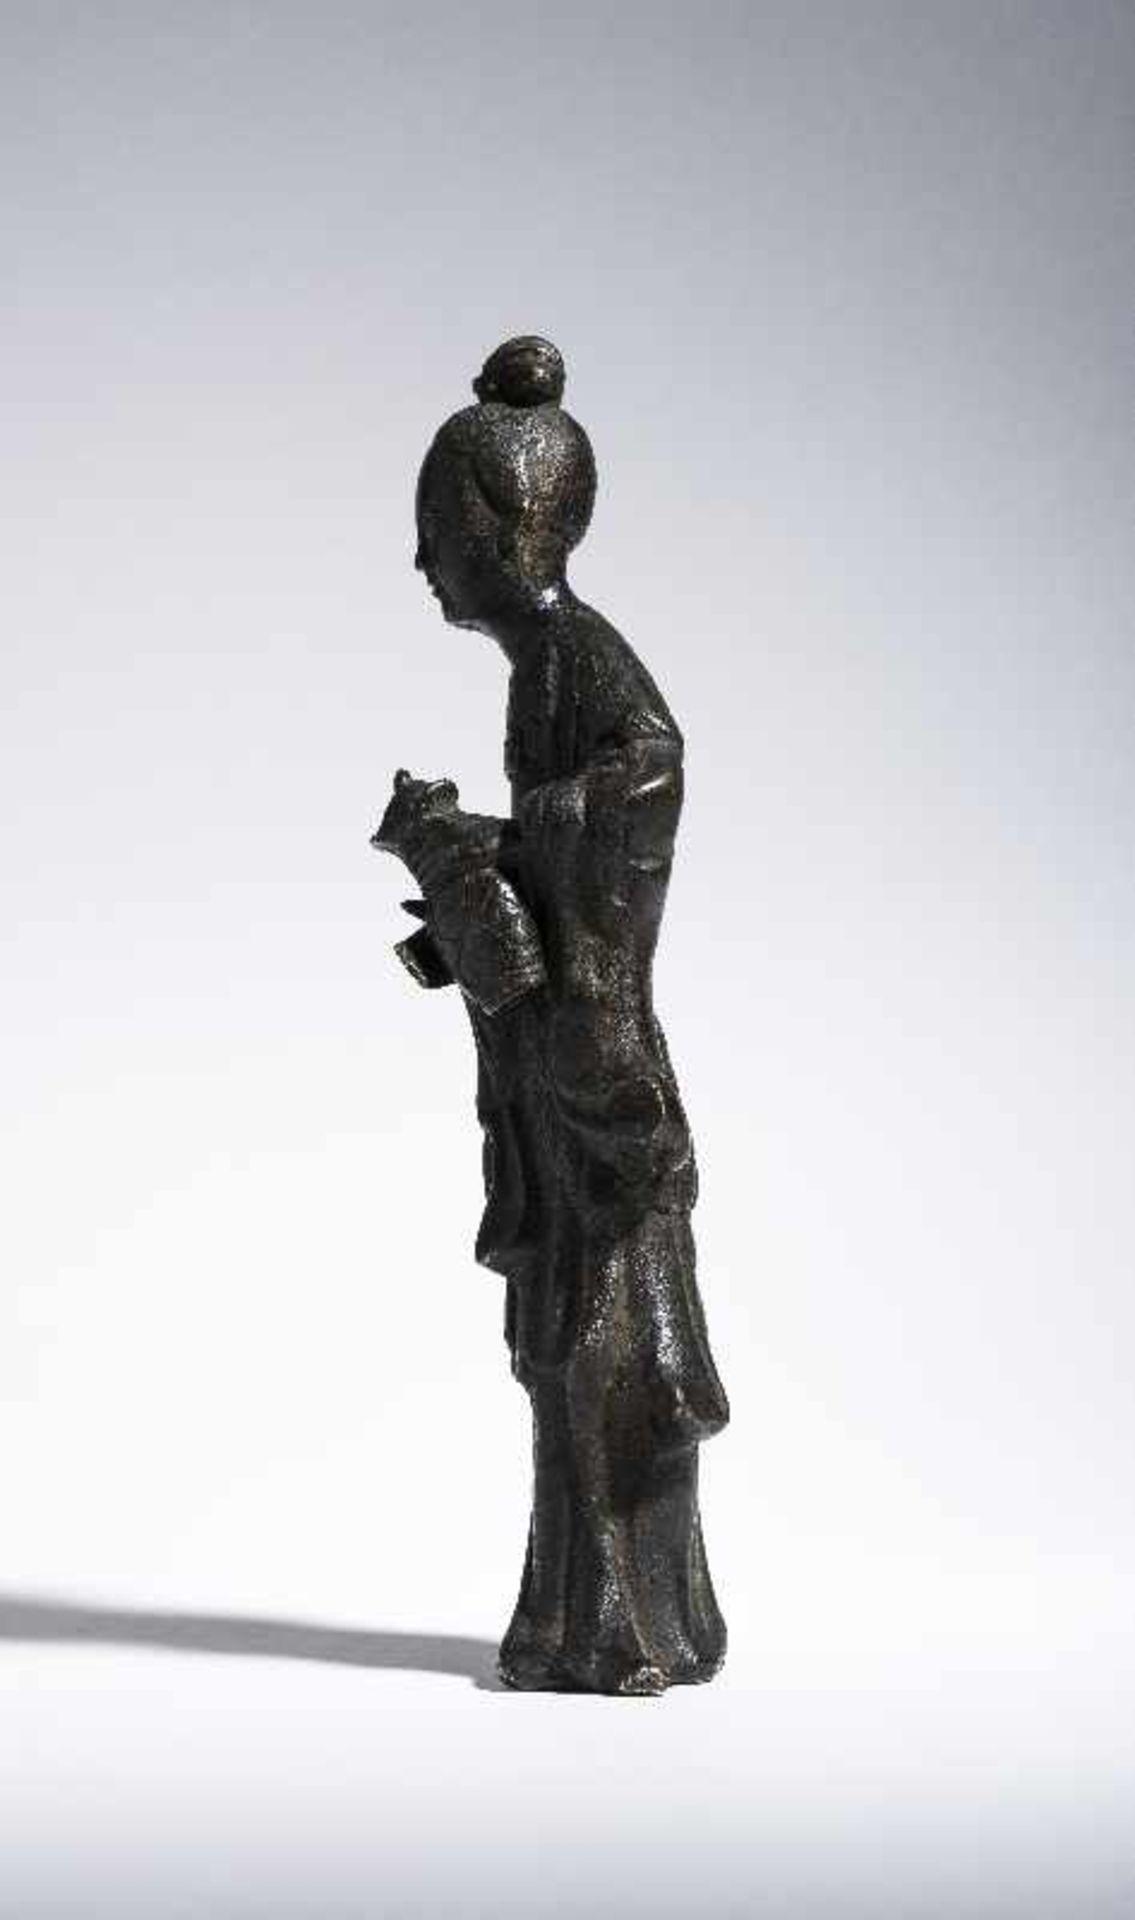 UNSTERBLICHE MIT WASSERKANNE Gelbe Bronze. China, Qing 19. Jh. Vermutlich eine Fee, möglicherweise - Image 5 of 6